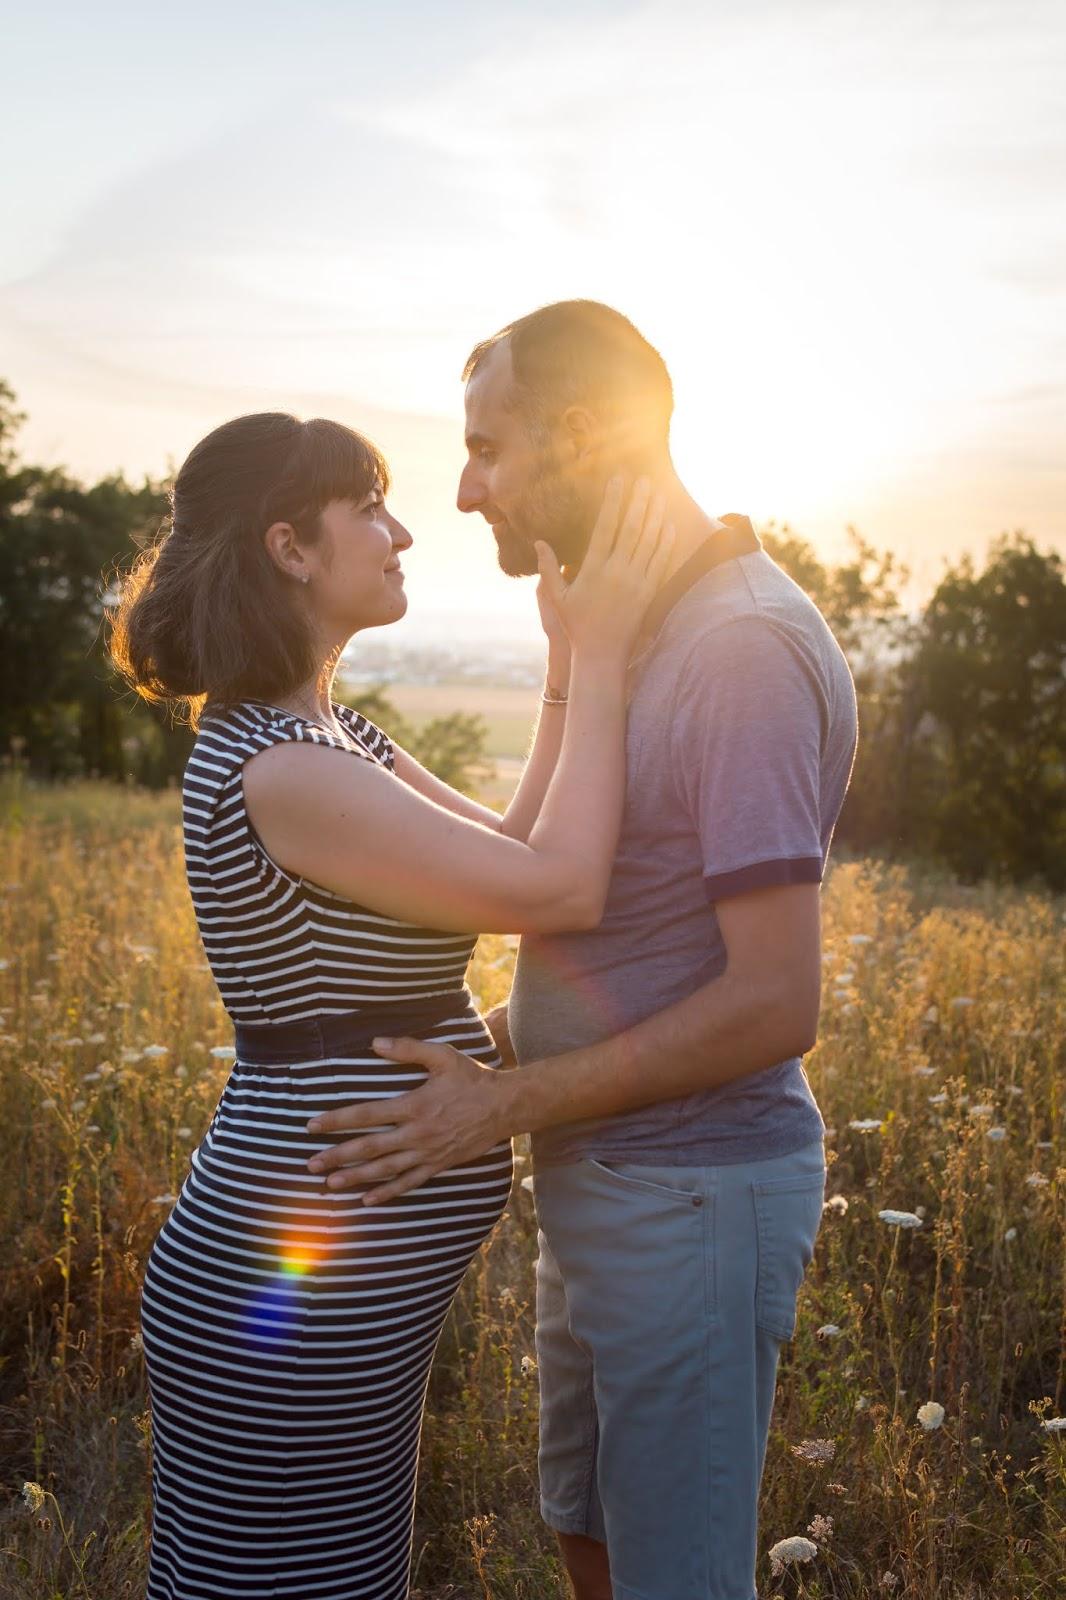 Comment profiter de l'heure dorée pour faire des photos de couple romantiques